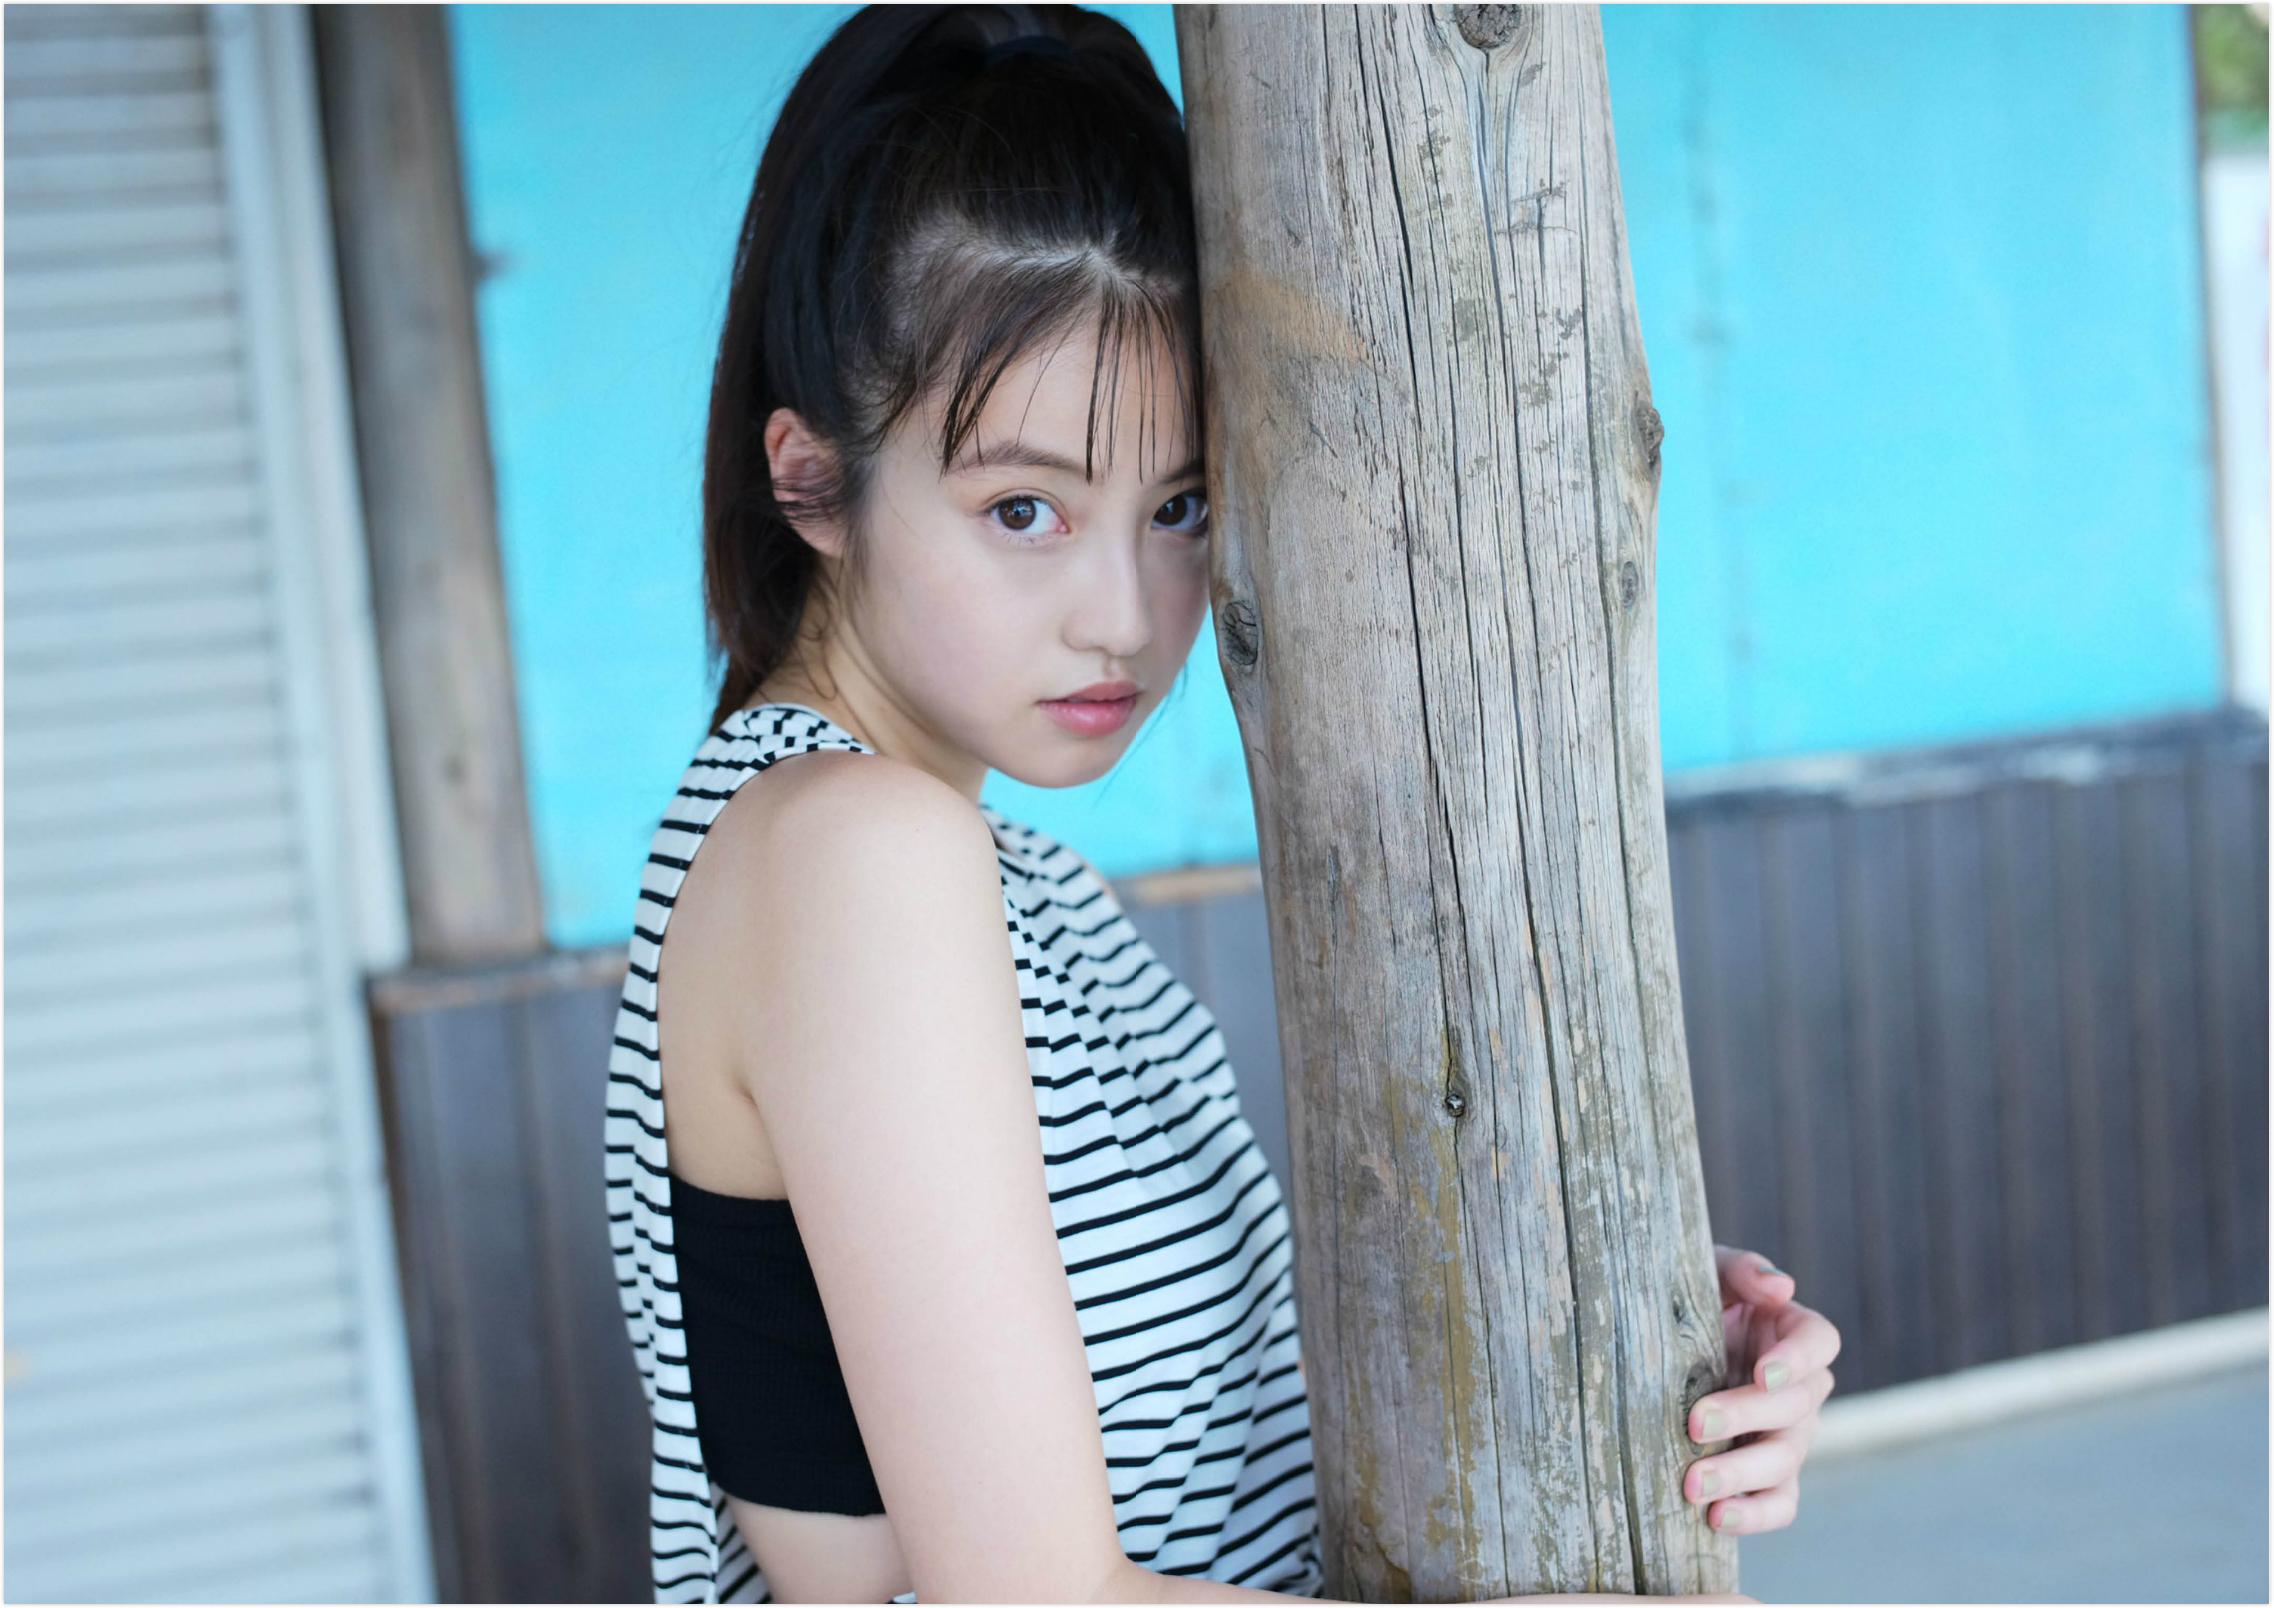 今田美樱Weekly Playboy写真集「スタミナ」 养眼图片 第14张